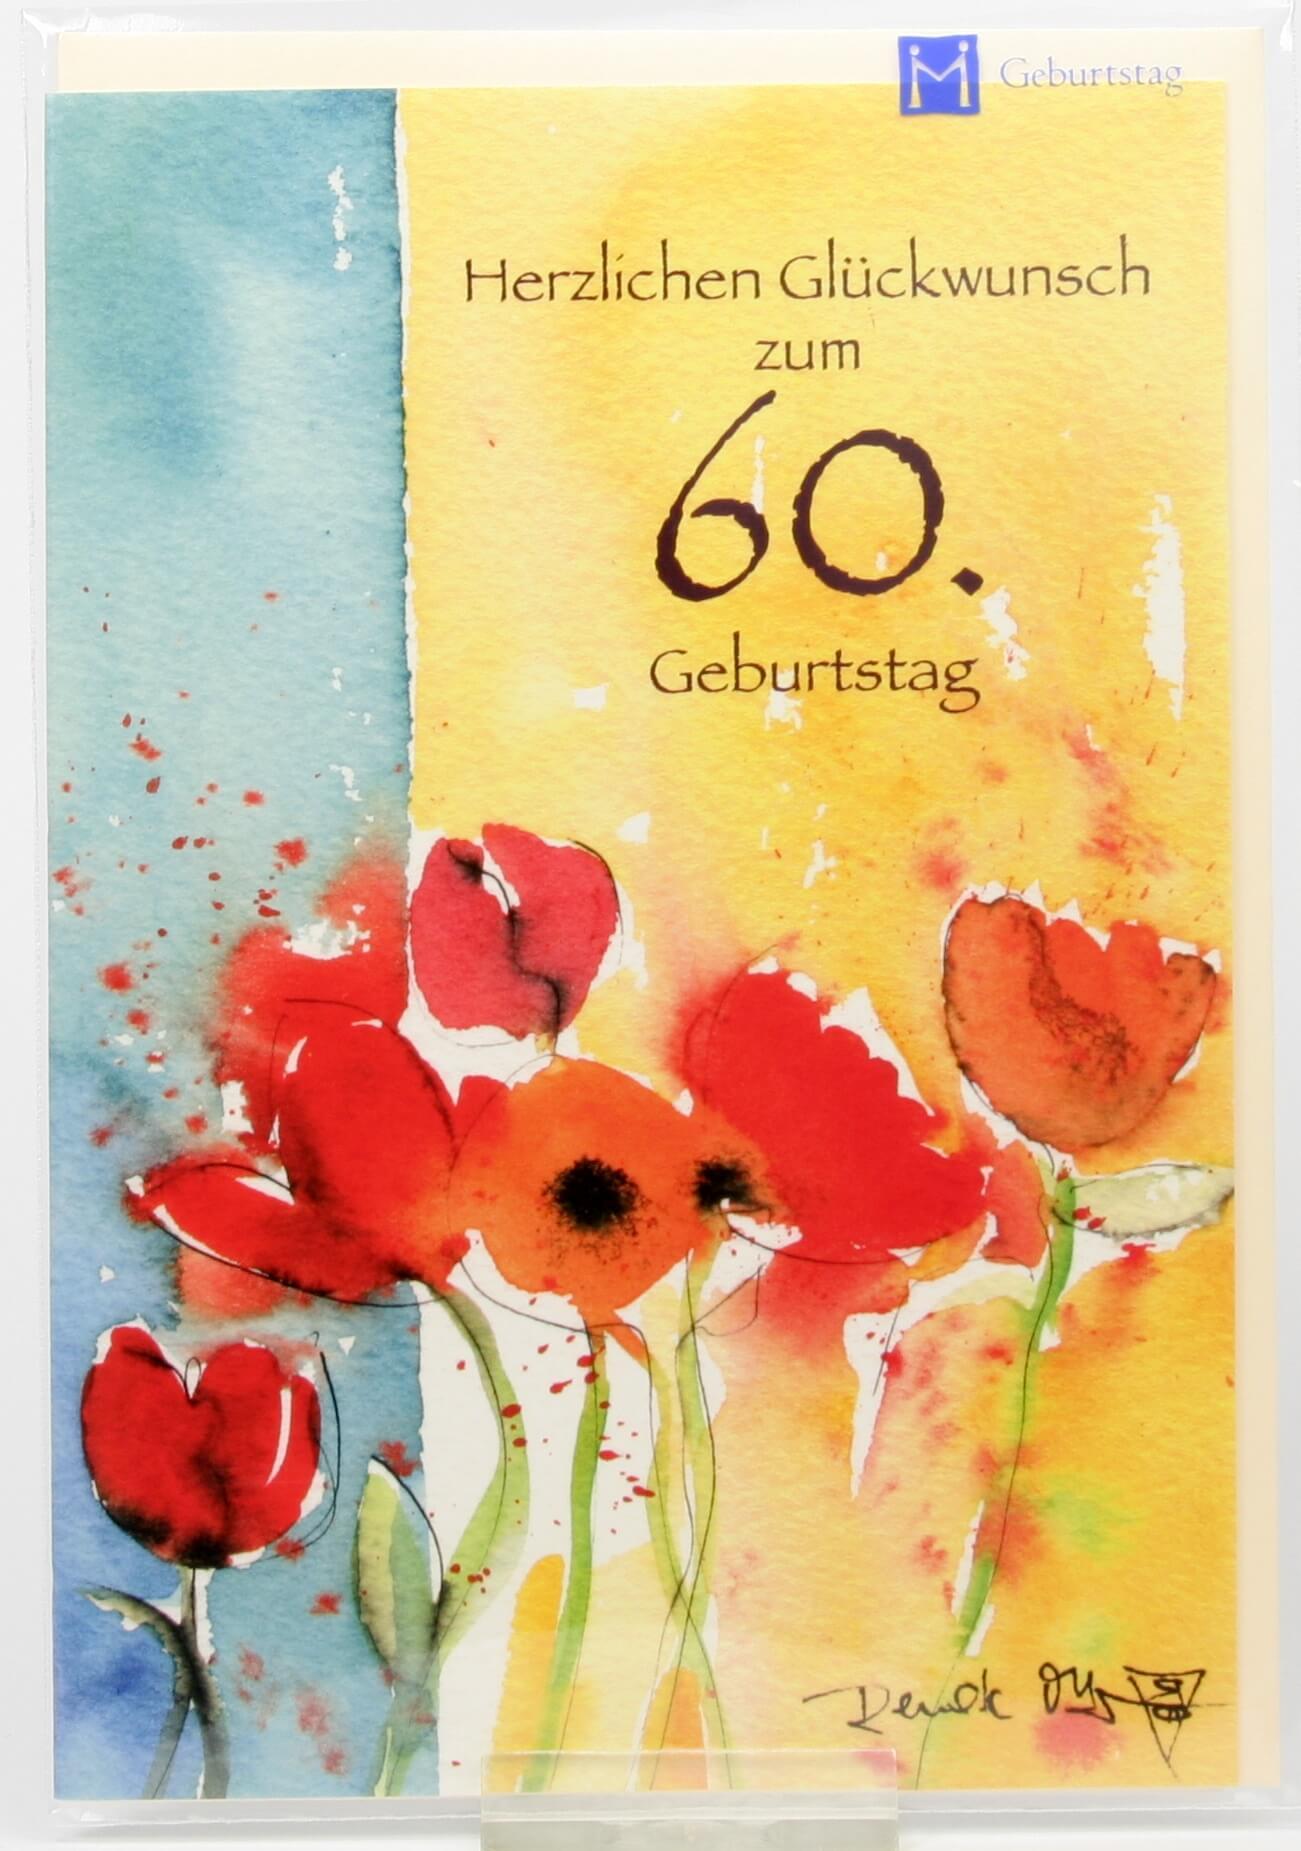 Geburtstagskarte  Mit Zahl  Aquarell  85 Jahre